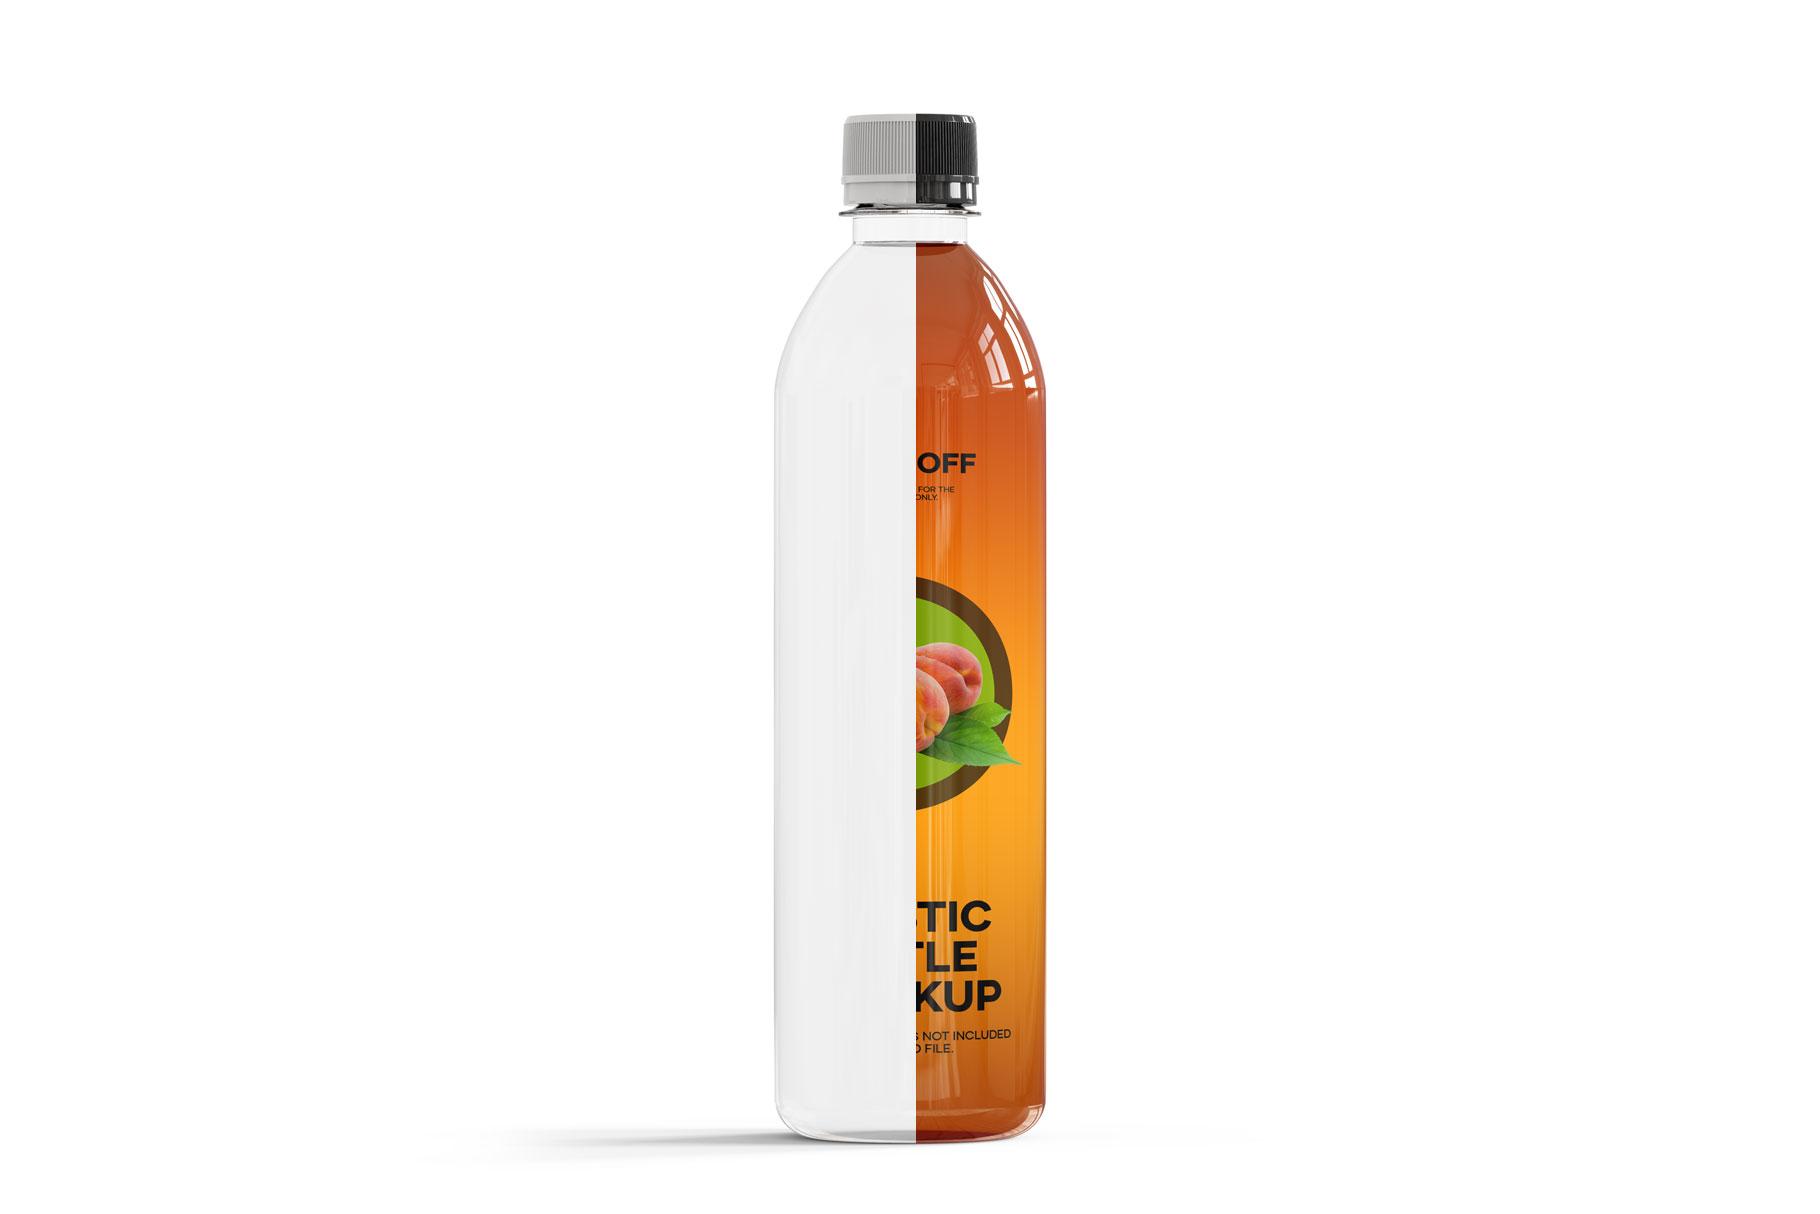 0,5L Iced Tea Bottle Mockup example image 5